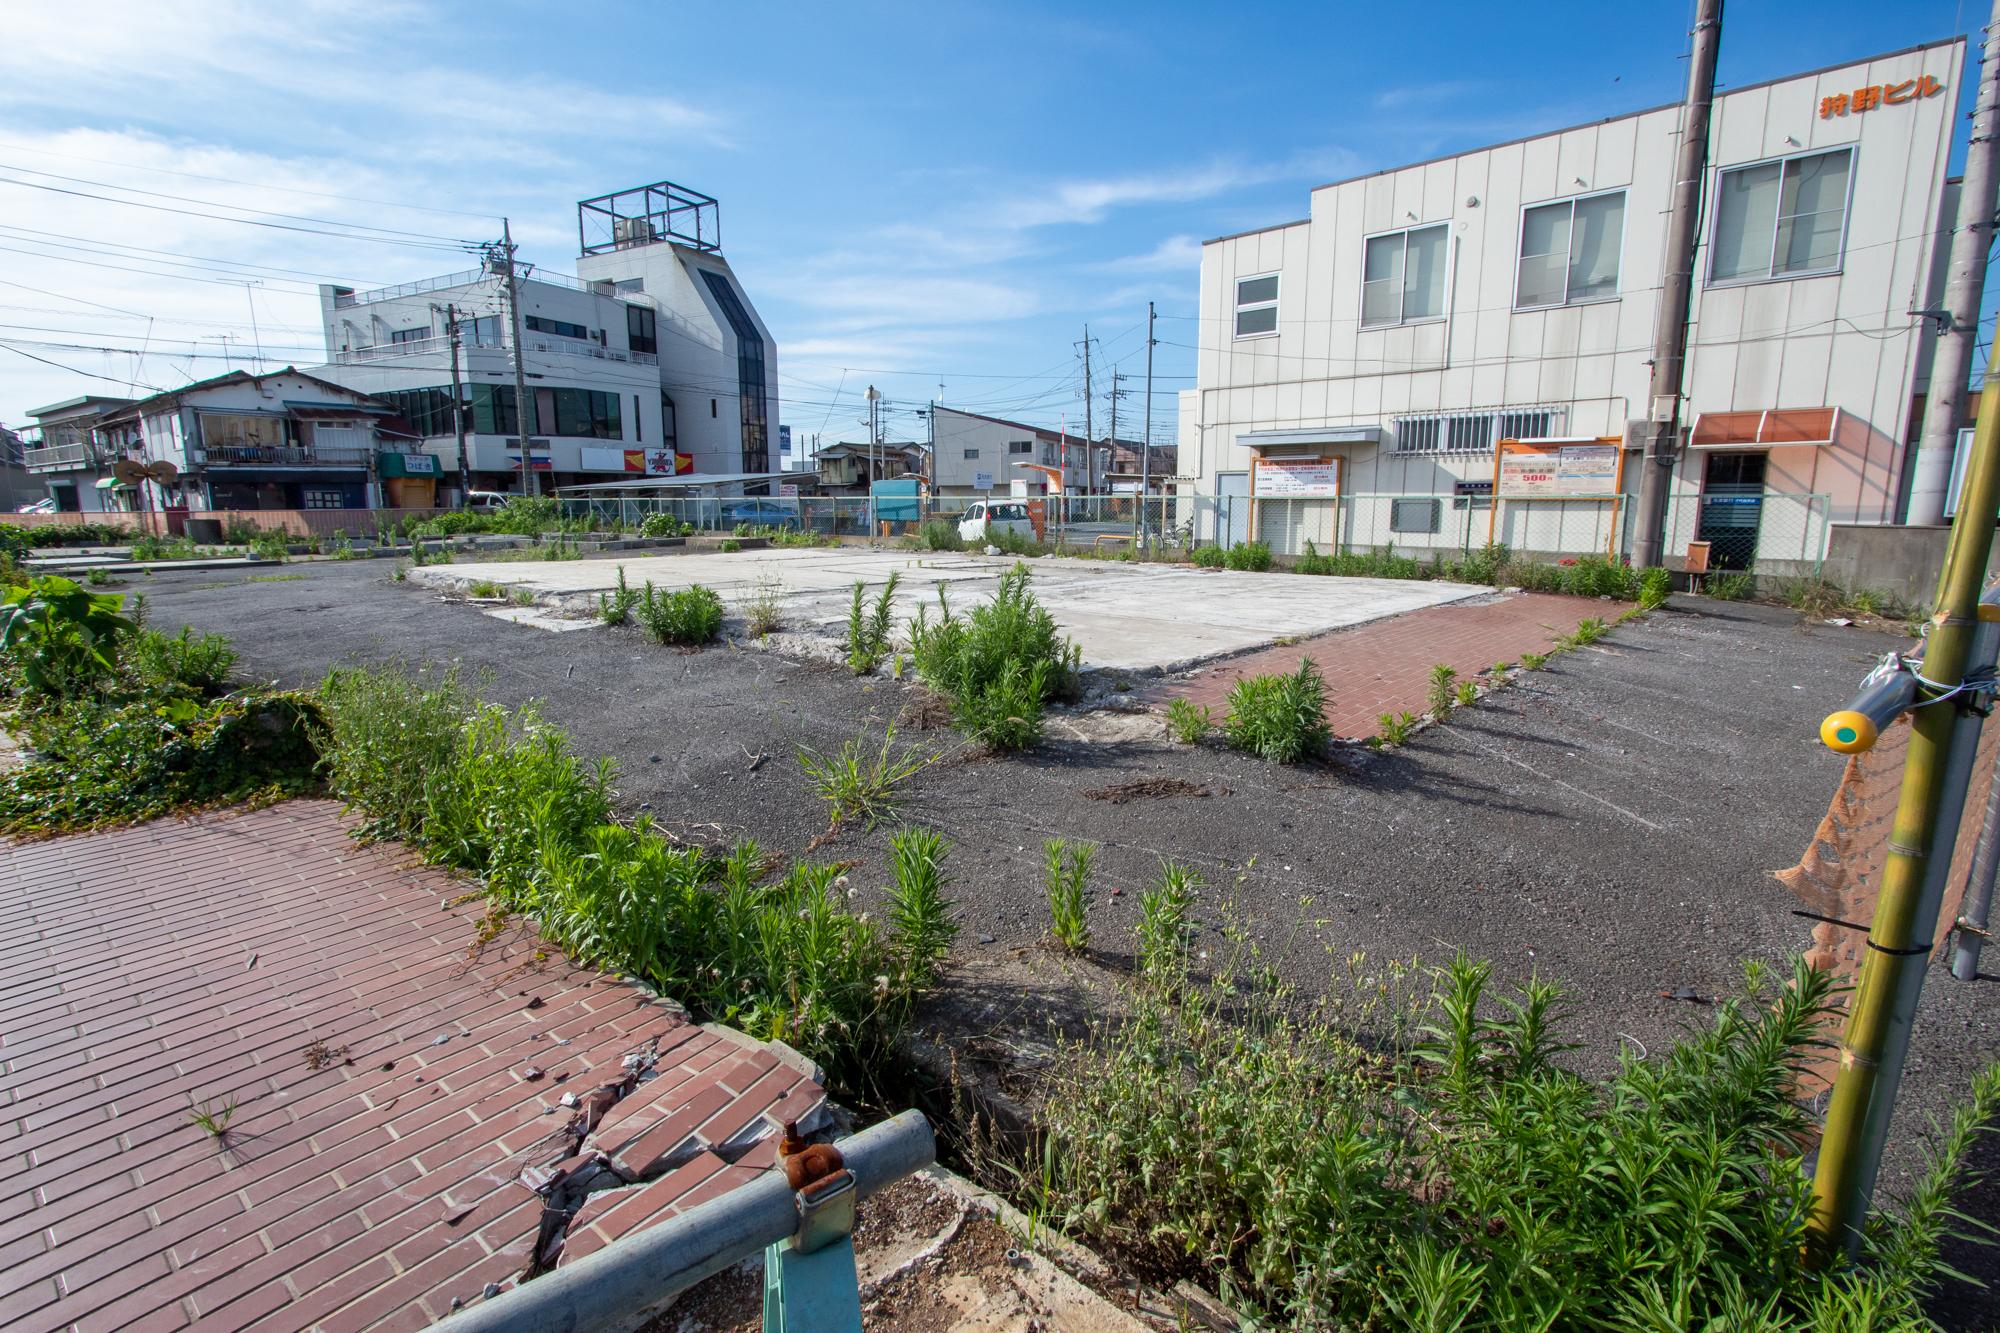 f:id:akichiniiko:20200528233708j:plain